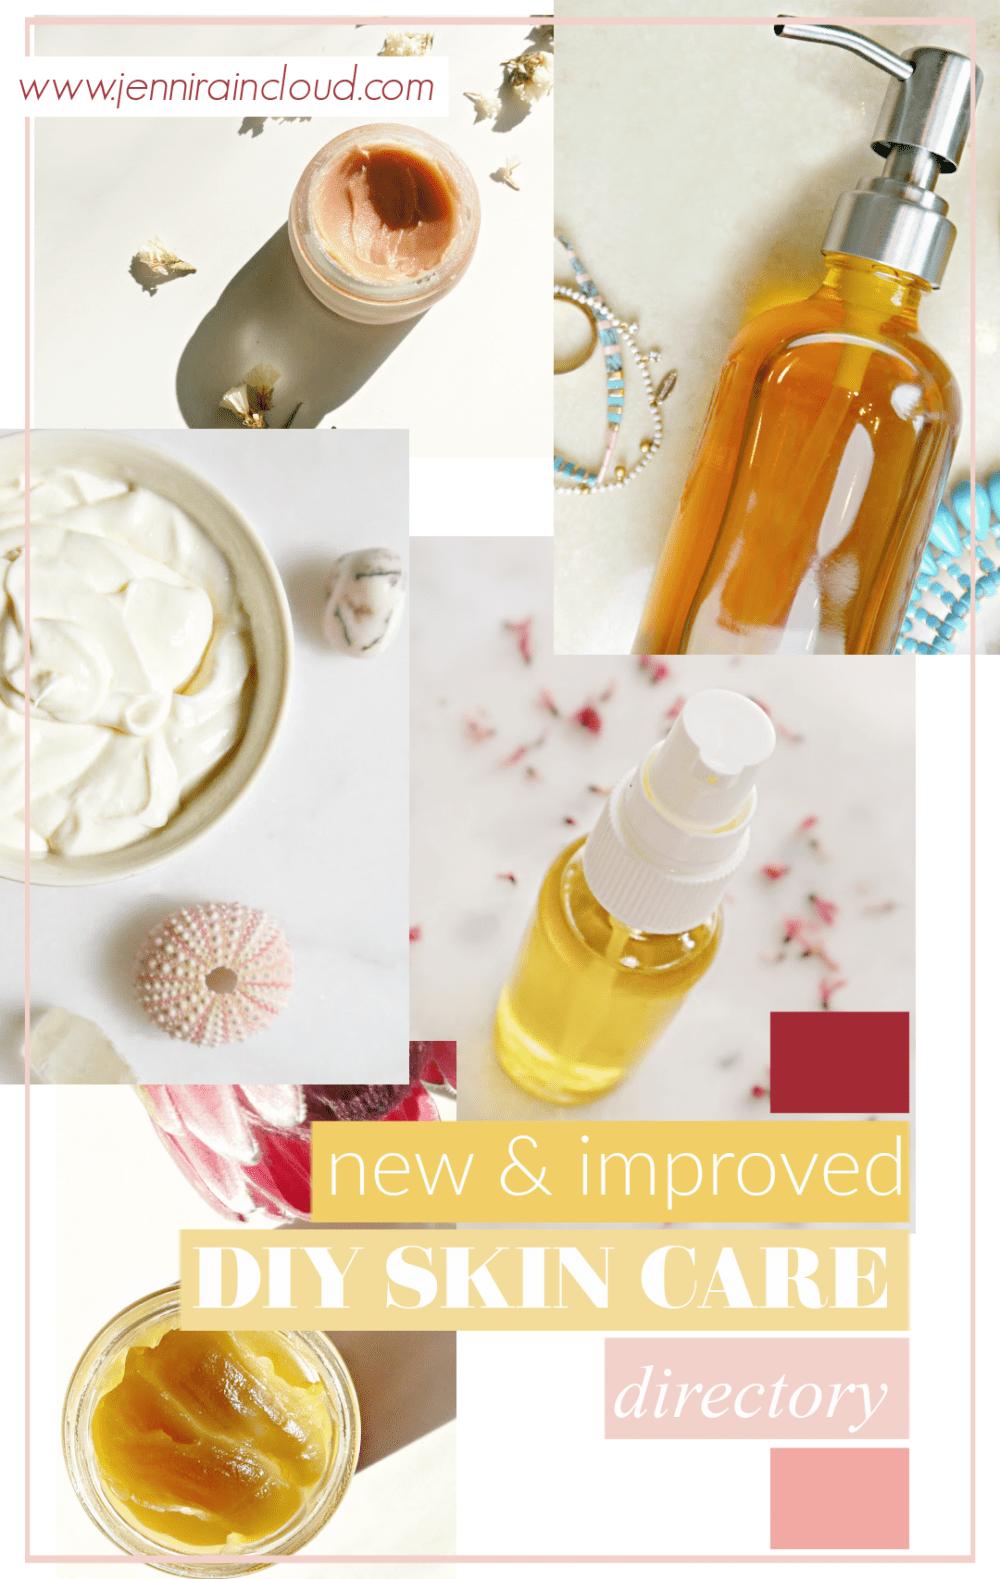 DIY Skin Care Directory